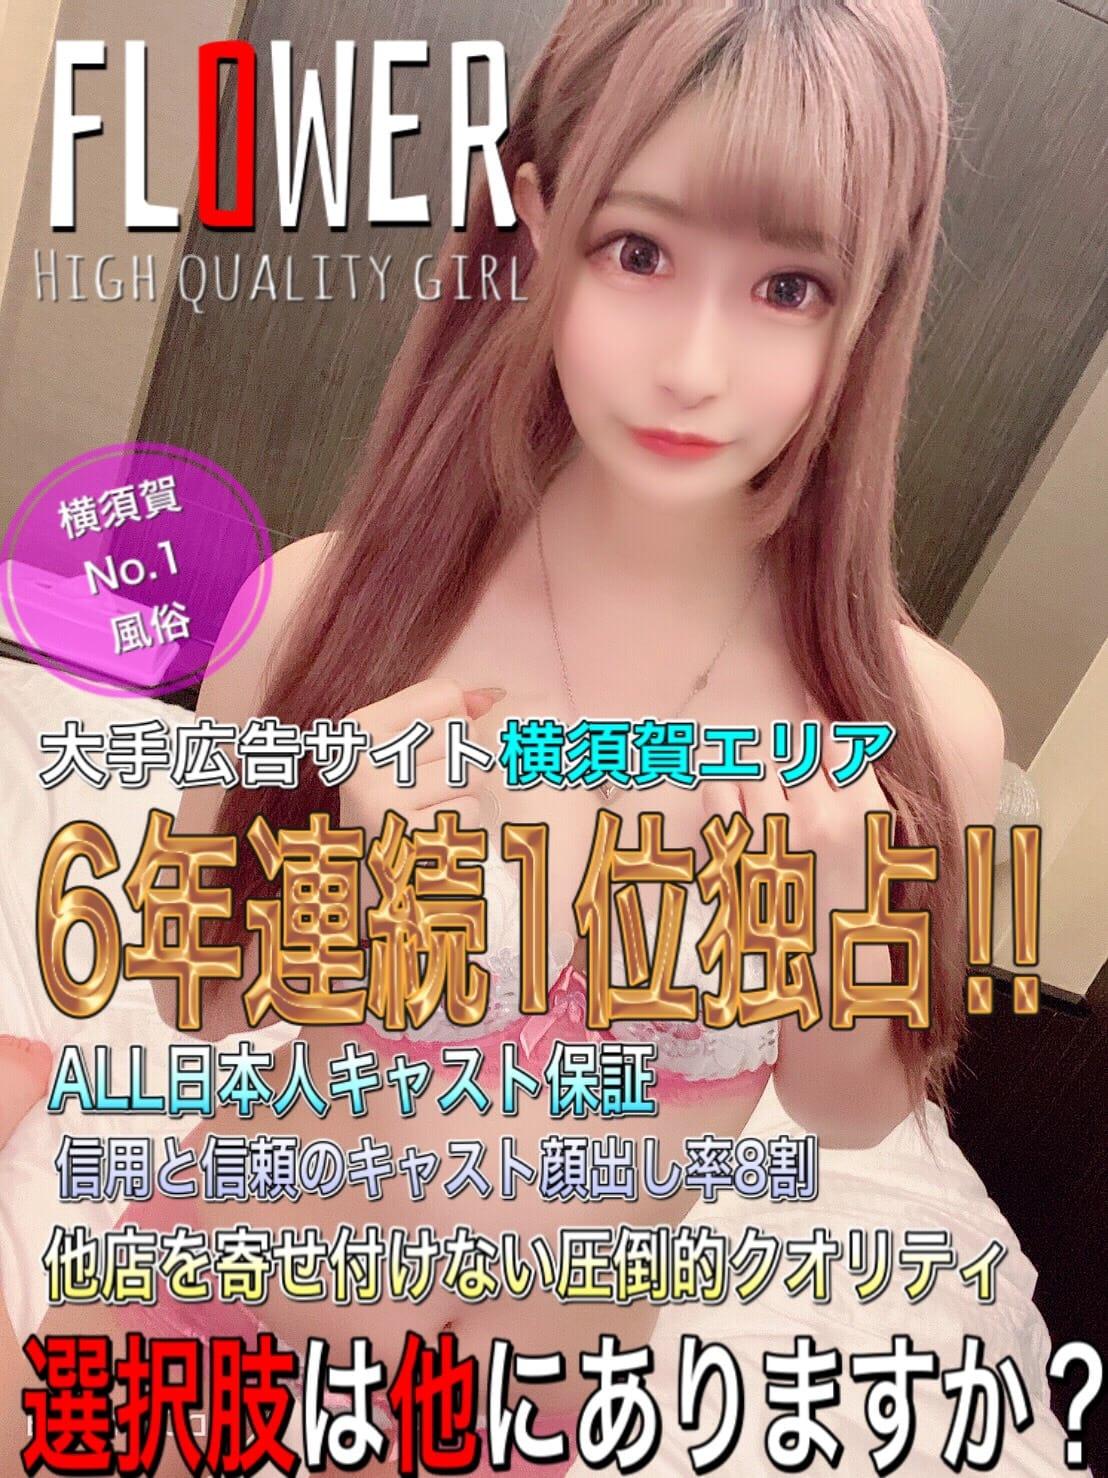 「openより横須賀エリア1位独占♥Flower」06/18日(金) 22:02 | トピックスの写メ・風俗動画